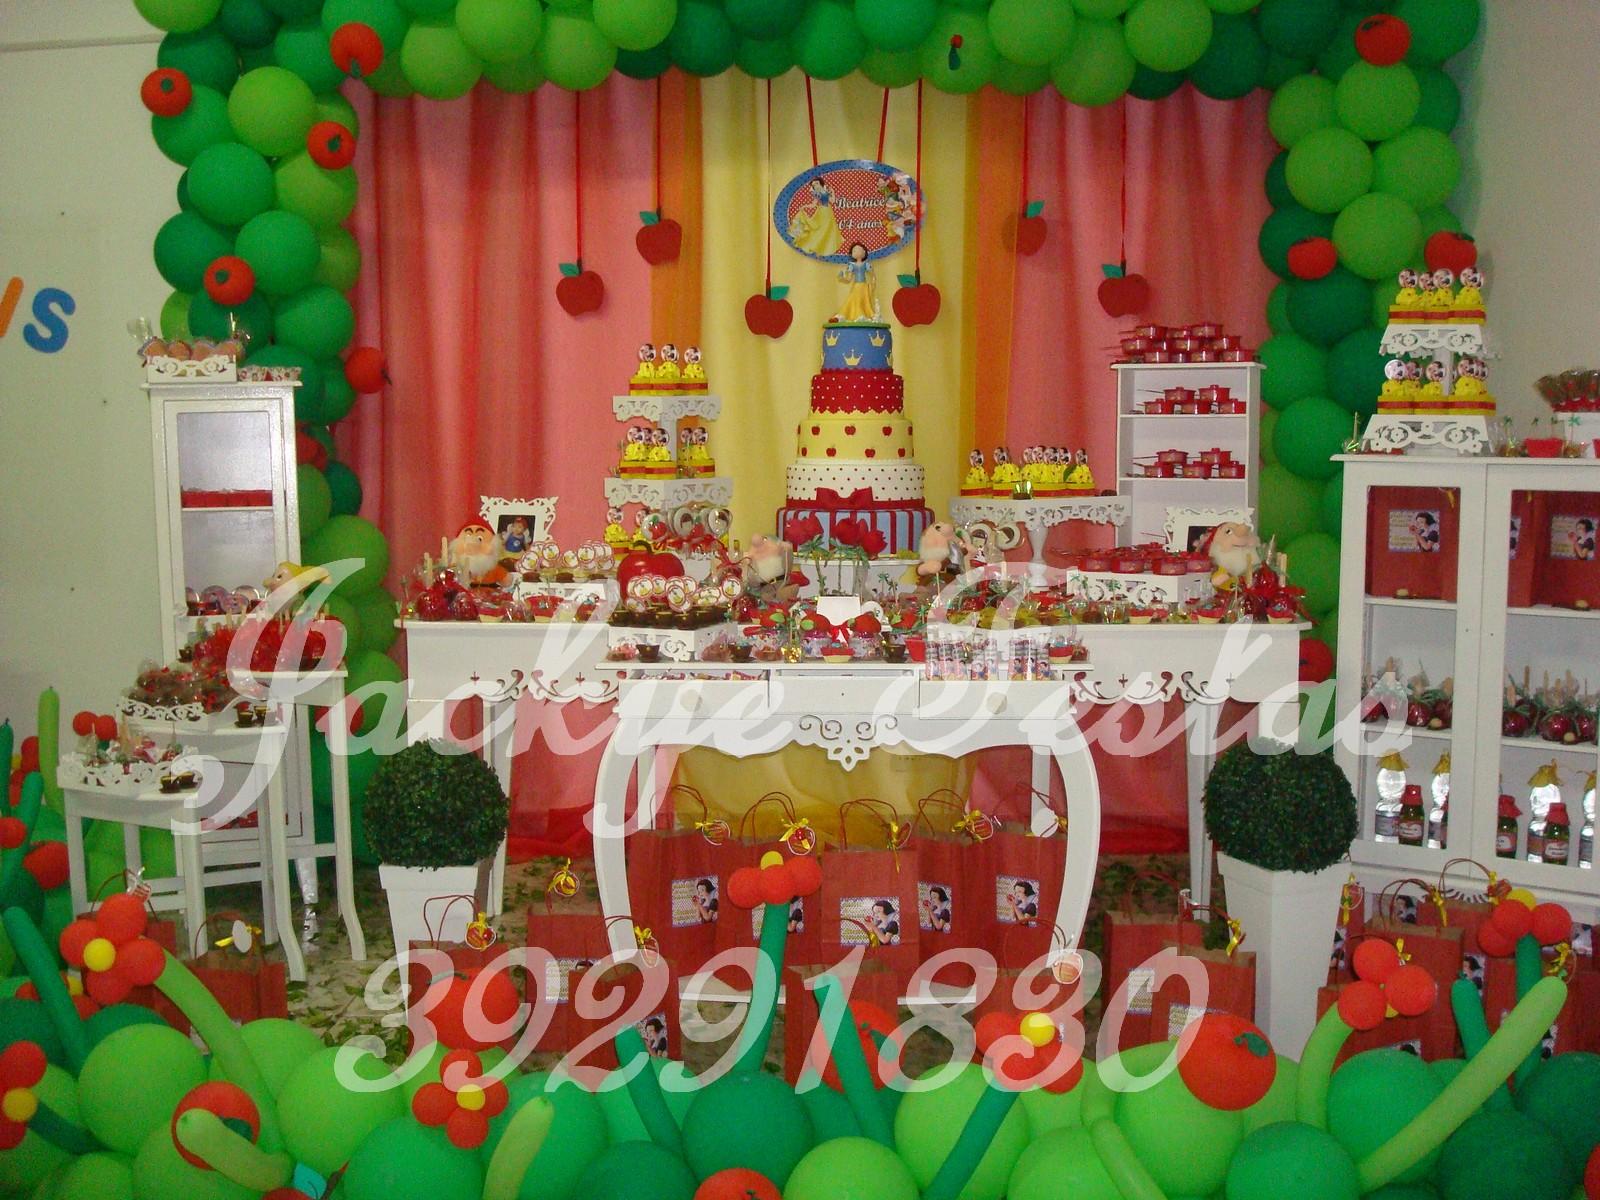 decoracao festa infantil branca de neve provencal : decoracao festa infantil branca de neve provencal:BRANCA DE NEVE DECORAÇÃO PROVENÇAL